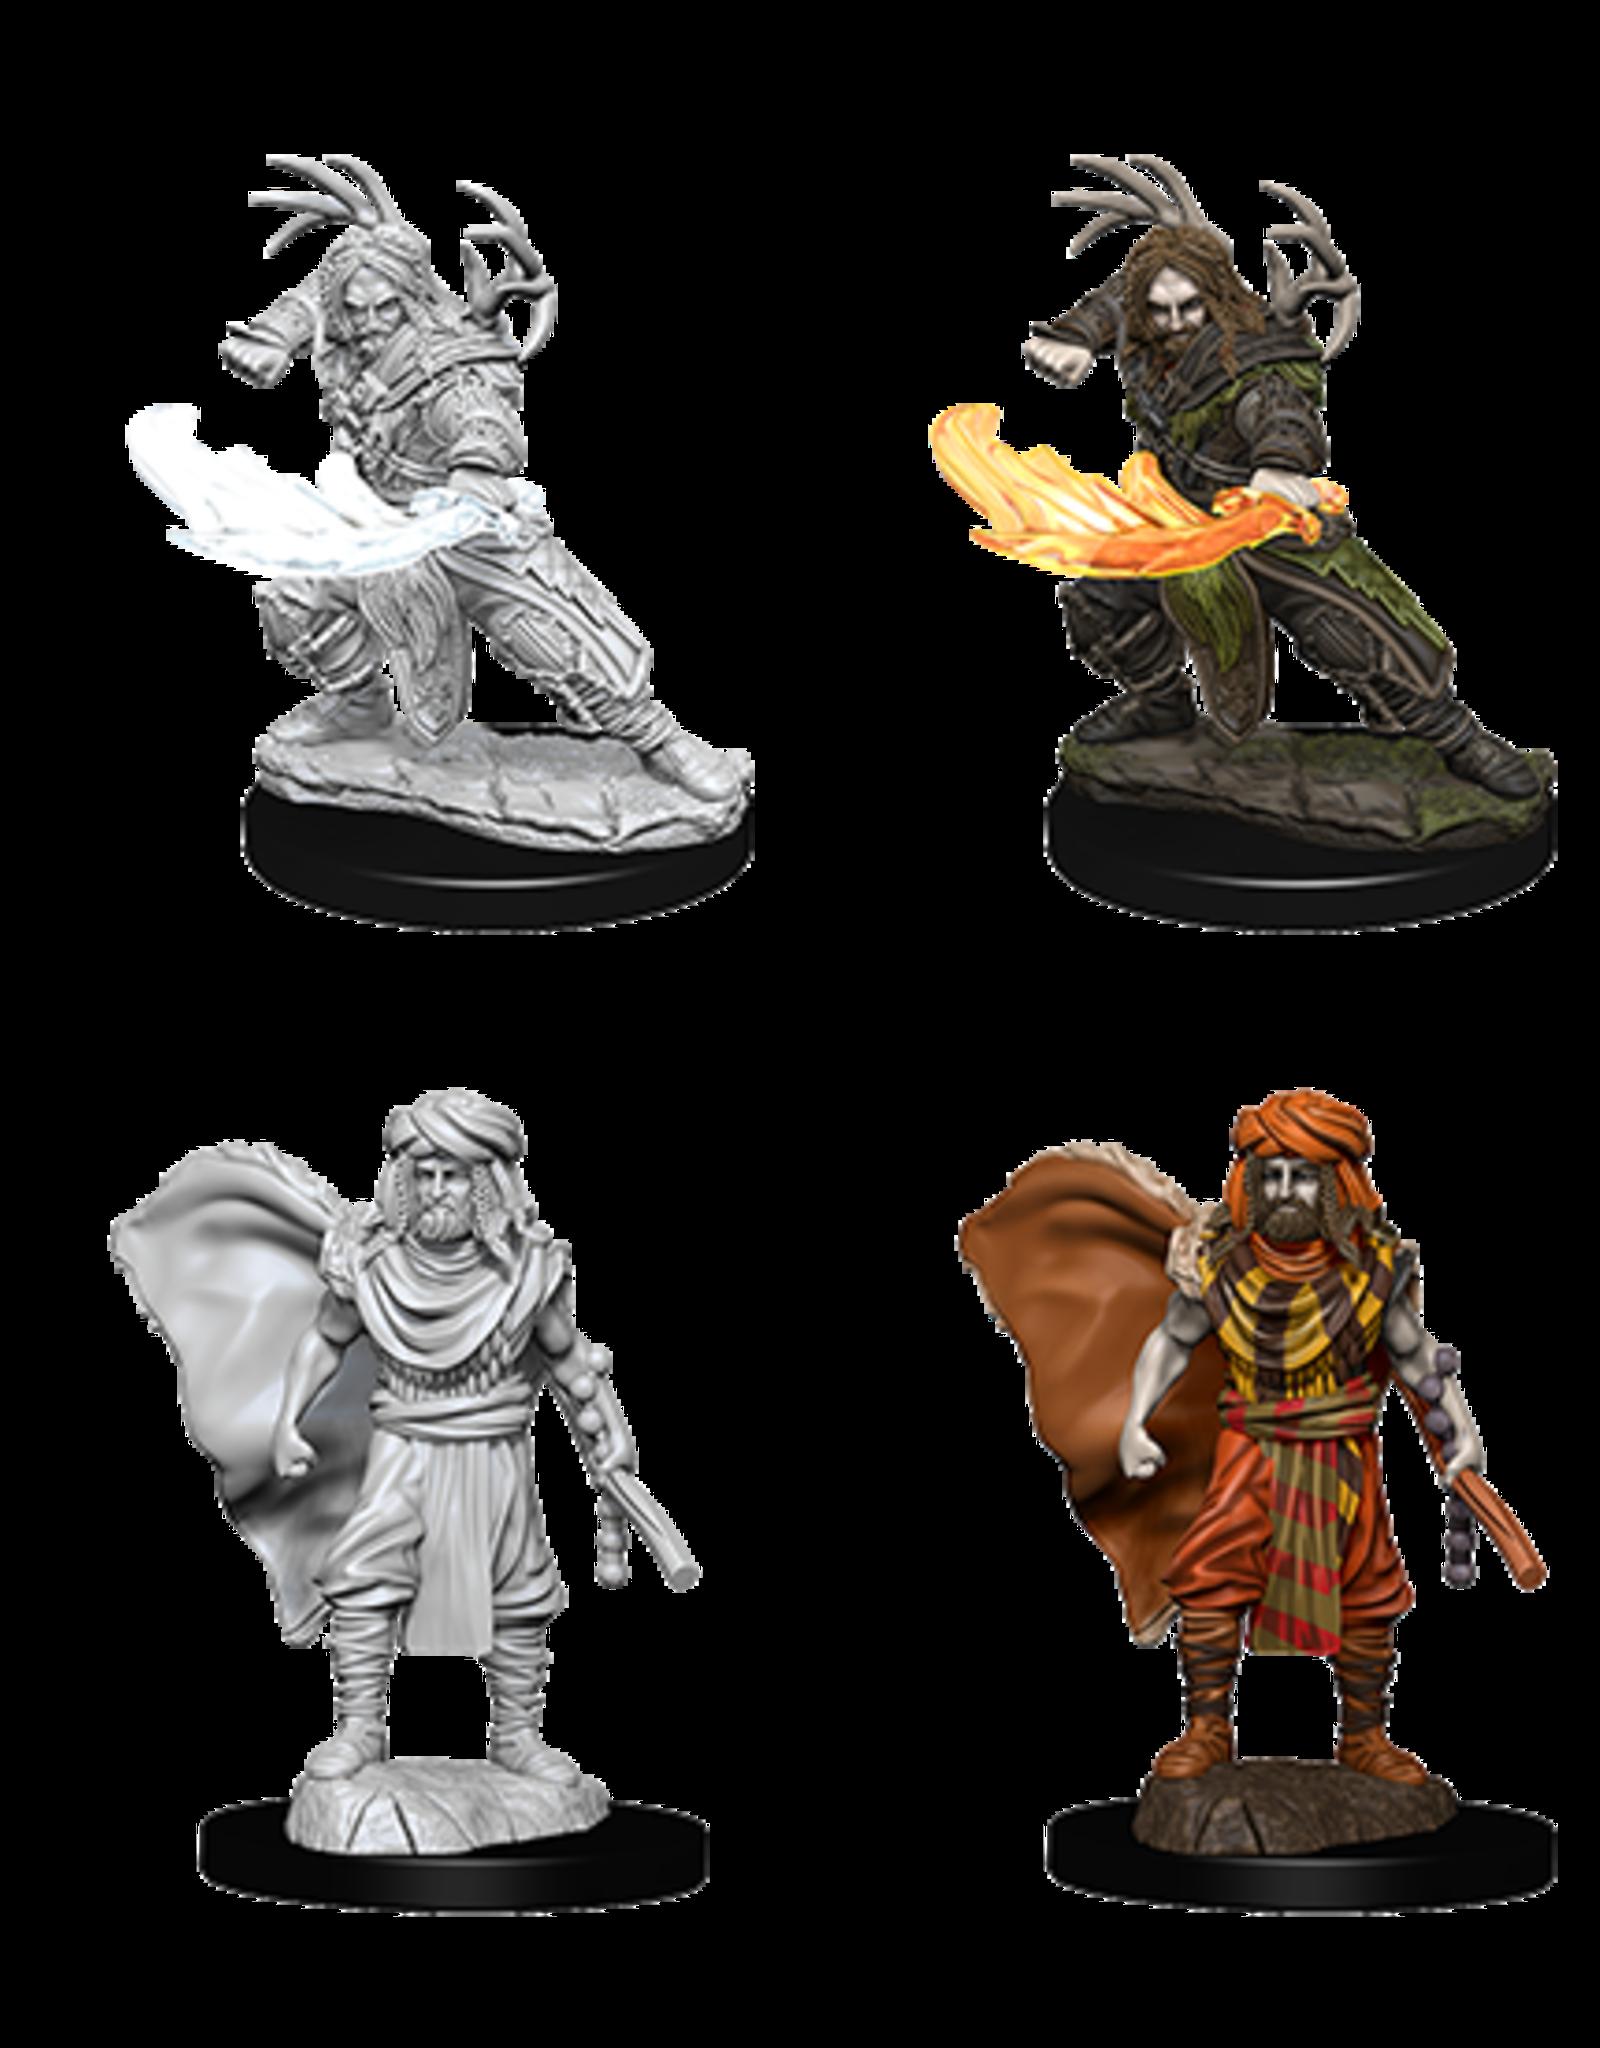 Nolzur's Marvelous Miniatures D&D D&D NMU - Human Druid Male